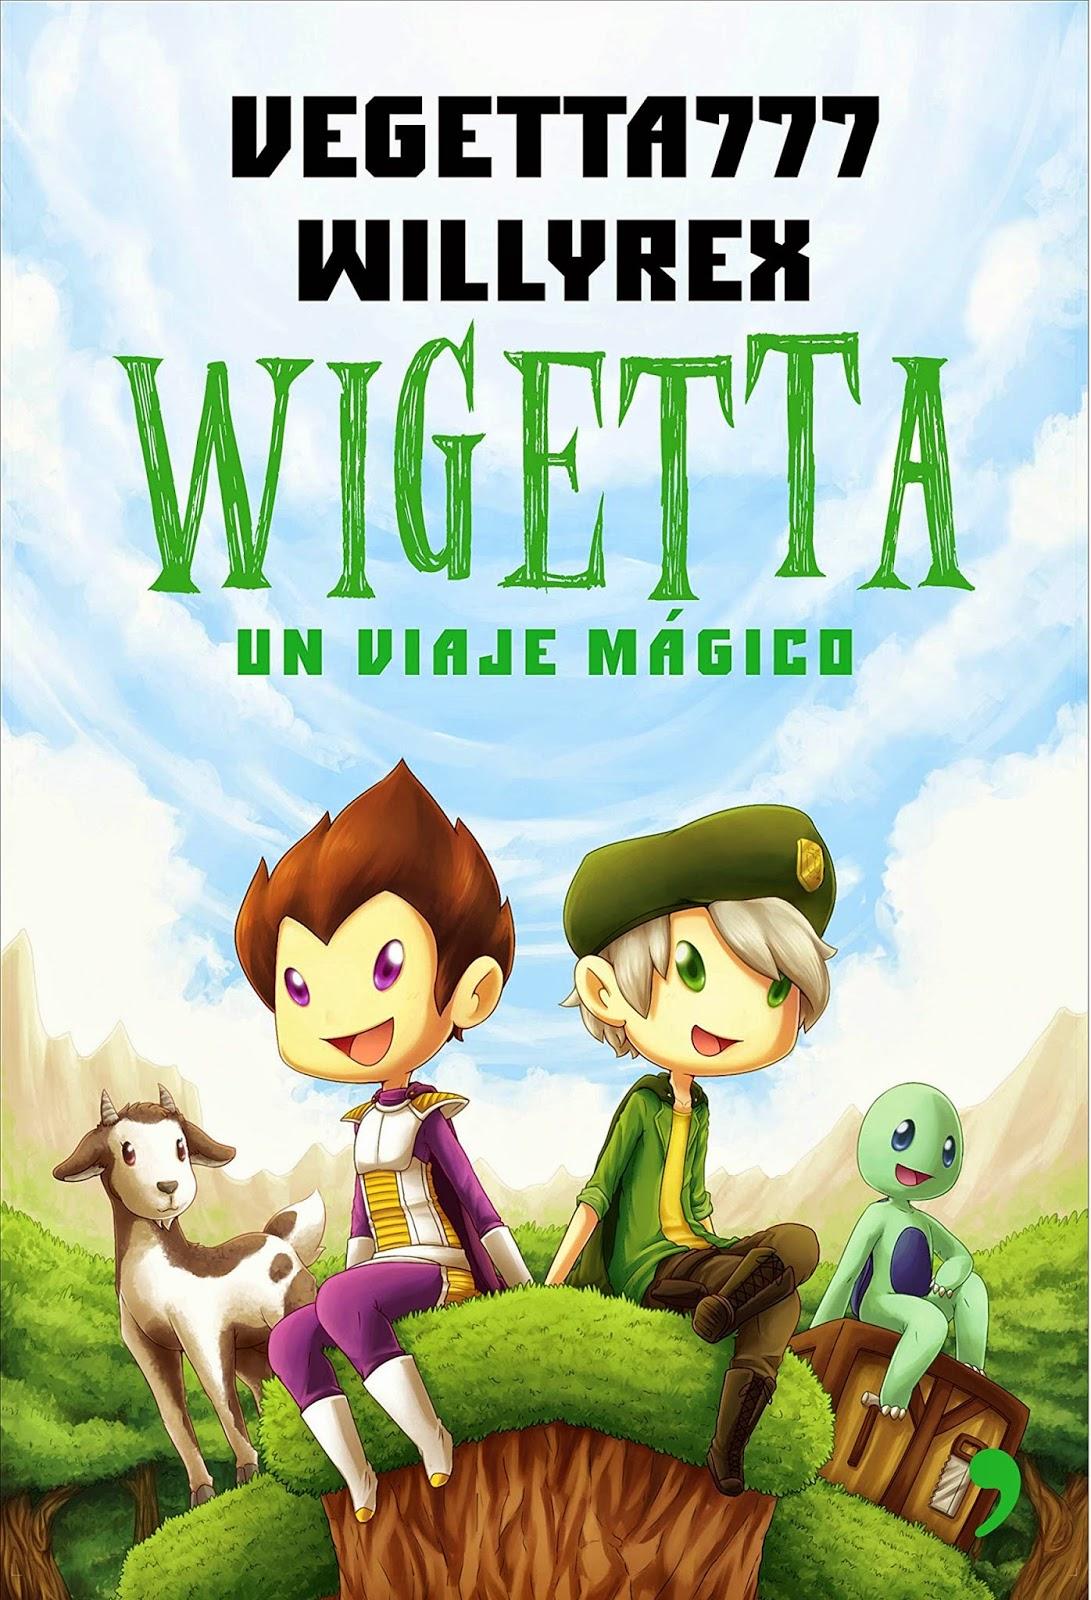 Para Willy y Vegetta, una invasión zombi que fulmina el sitio en el que vives es solo el principio de una gran aventura.